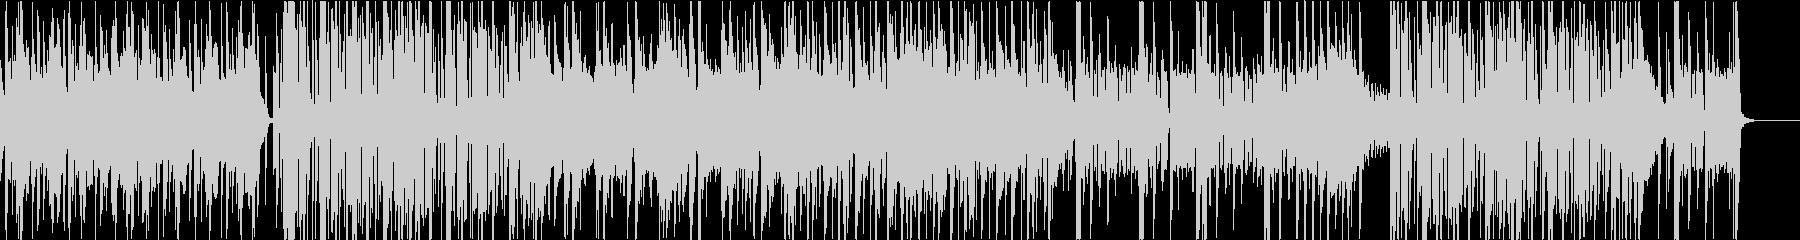 オシャレなエレクトロニックなファンクの未再生の波形